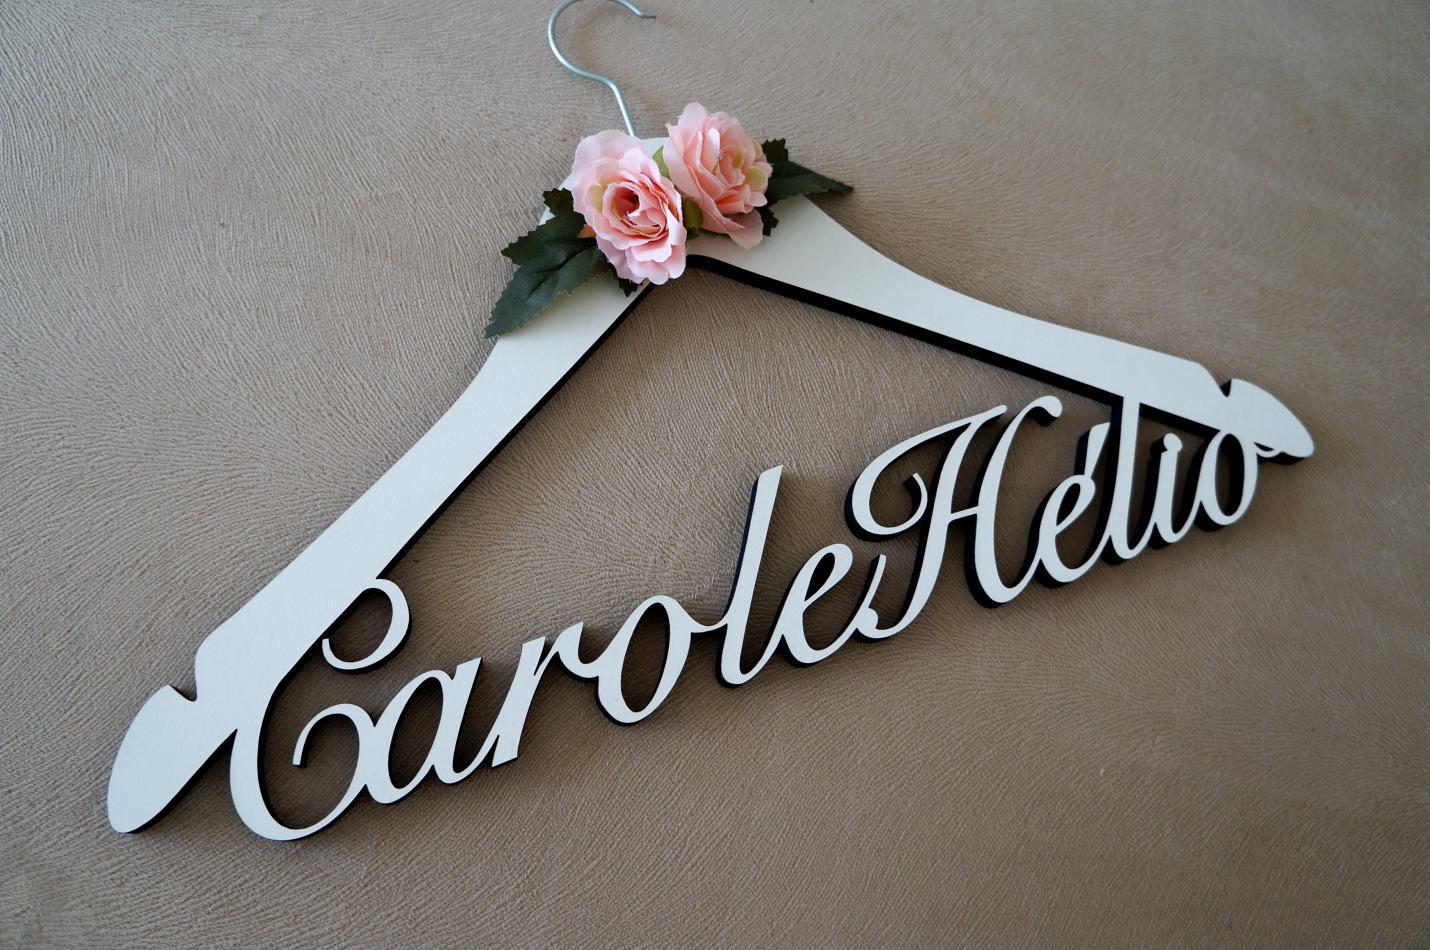 Cabide Carol e Hélio